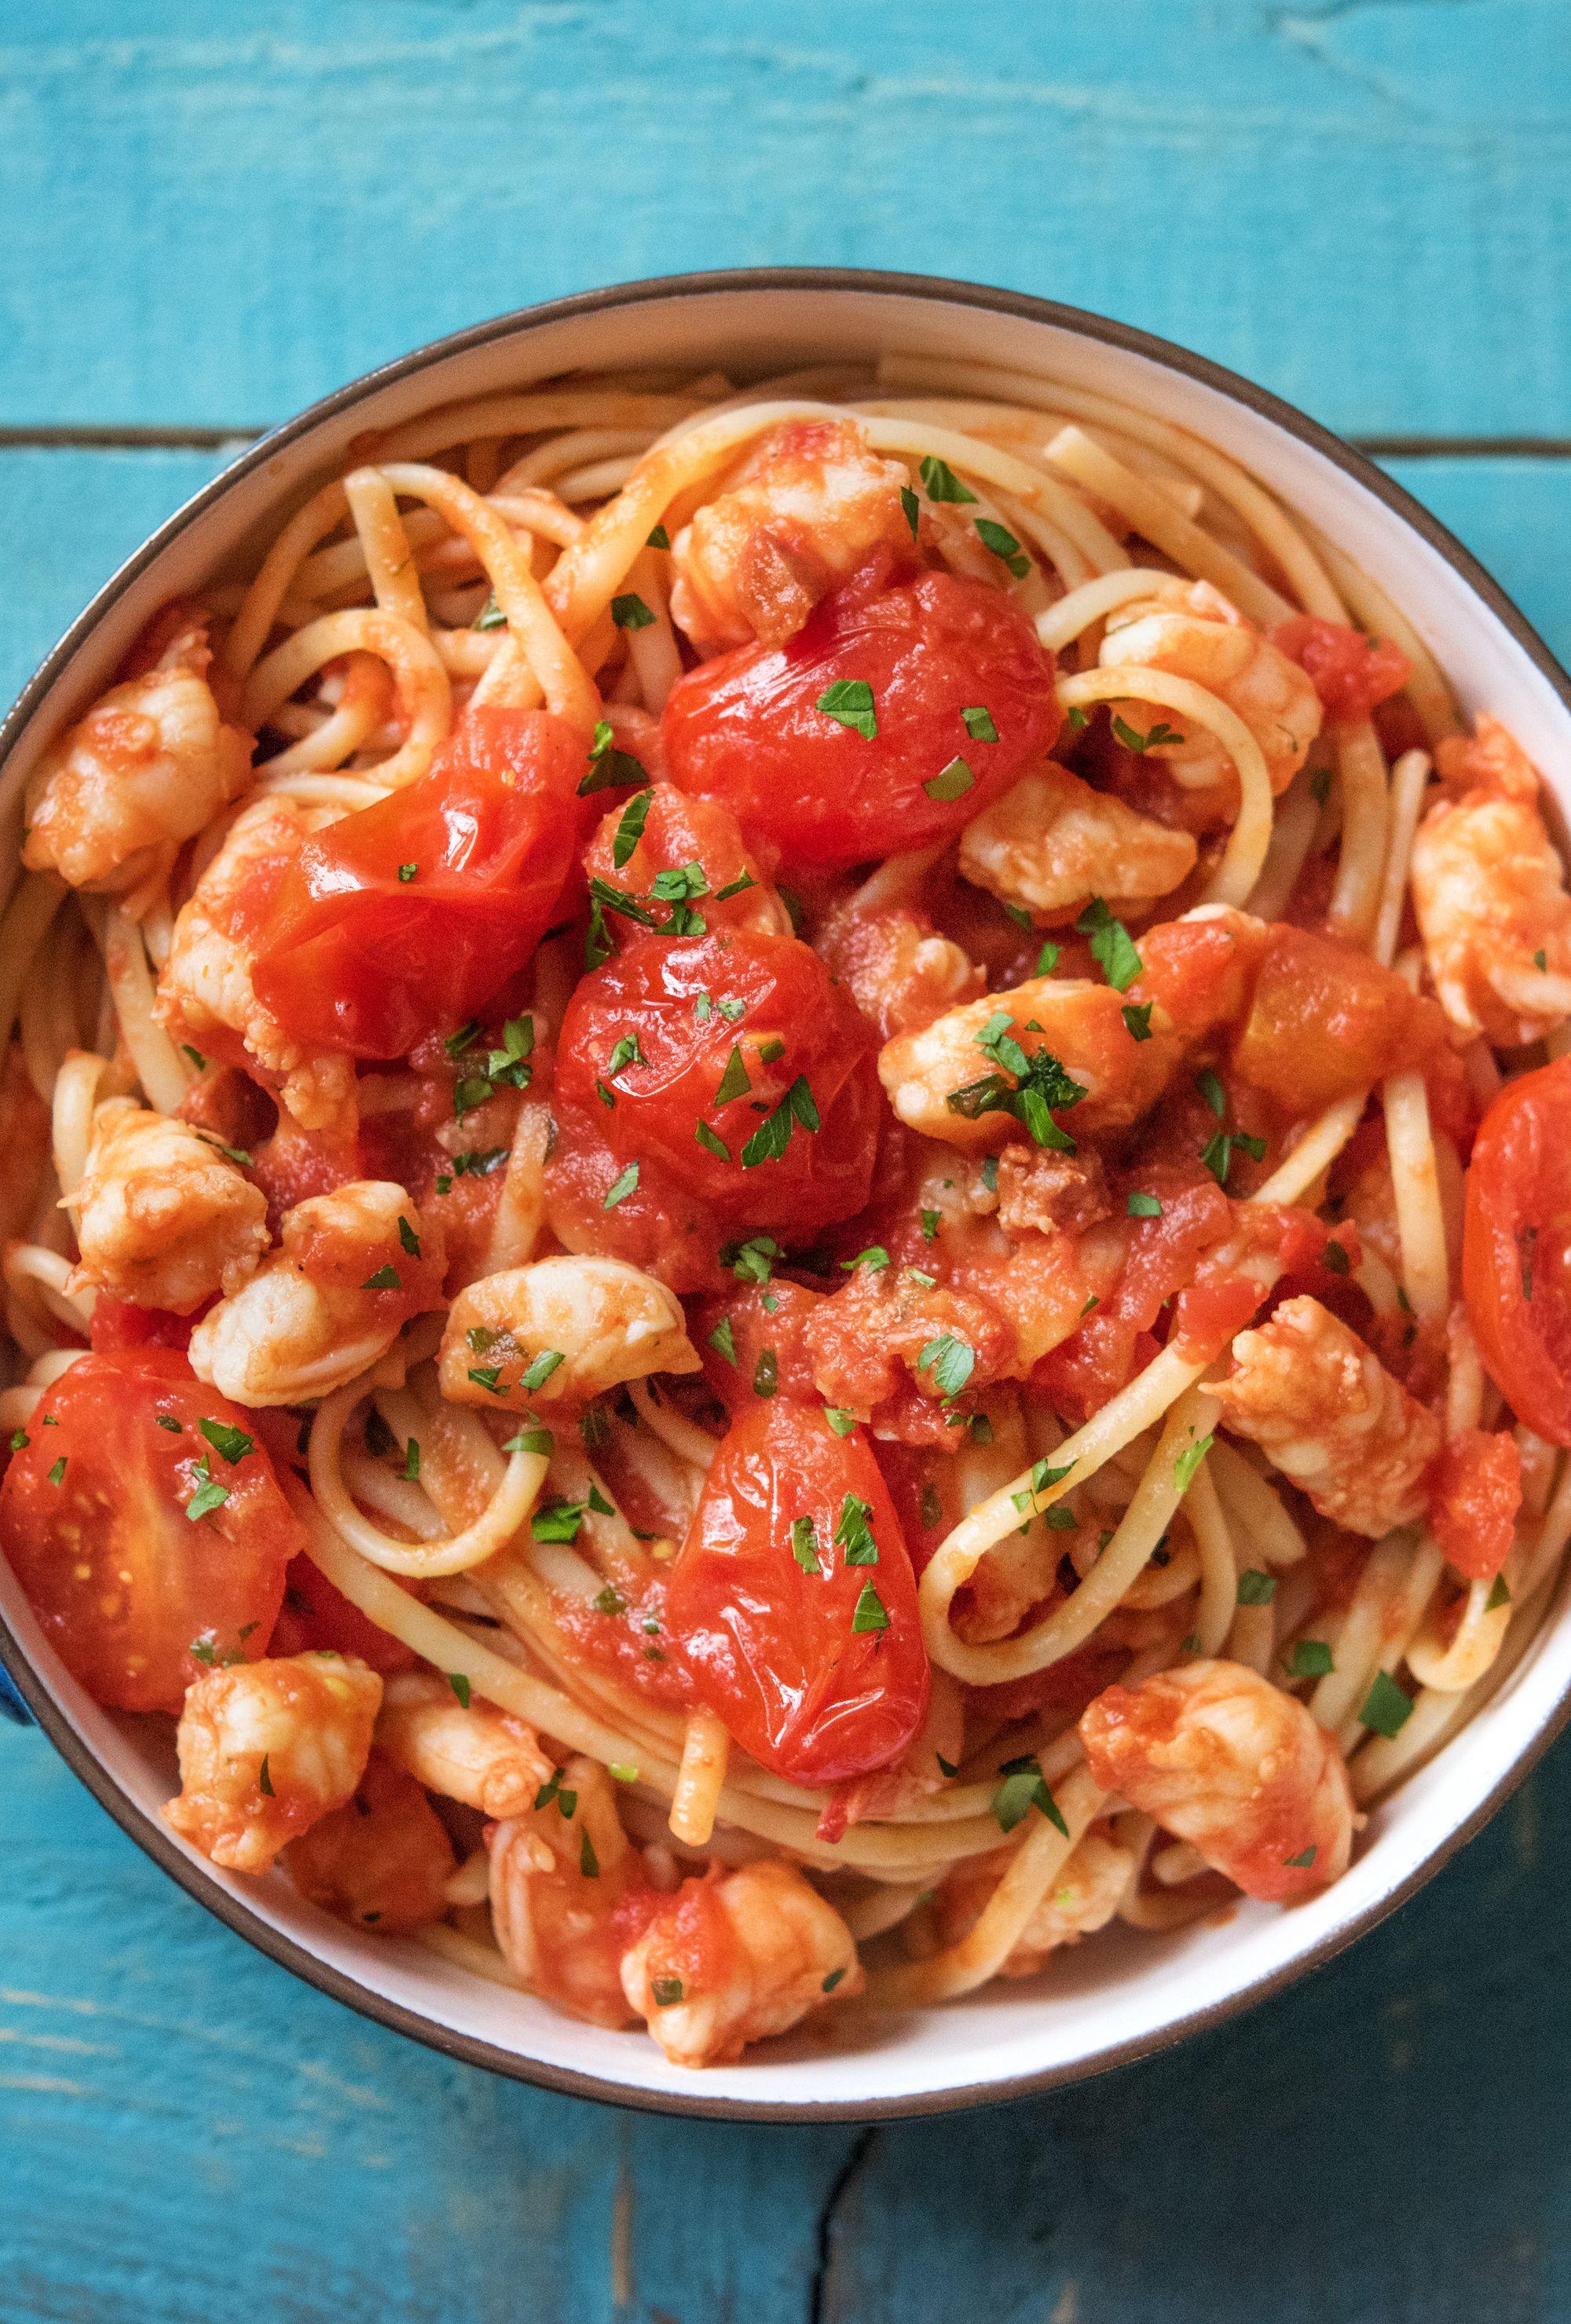 Spanish italian yummy